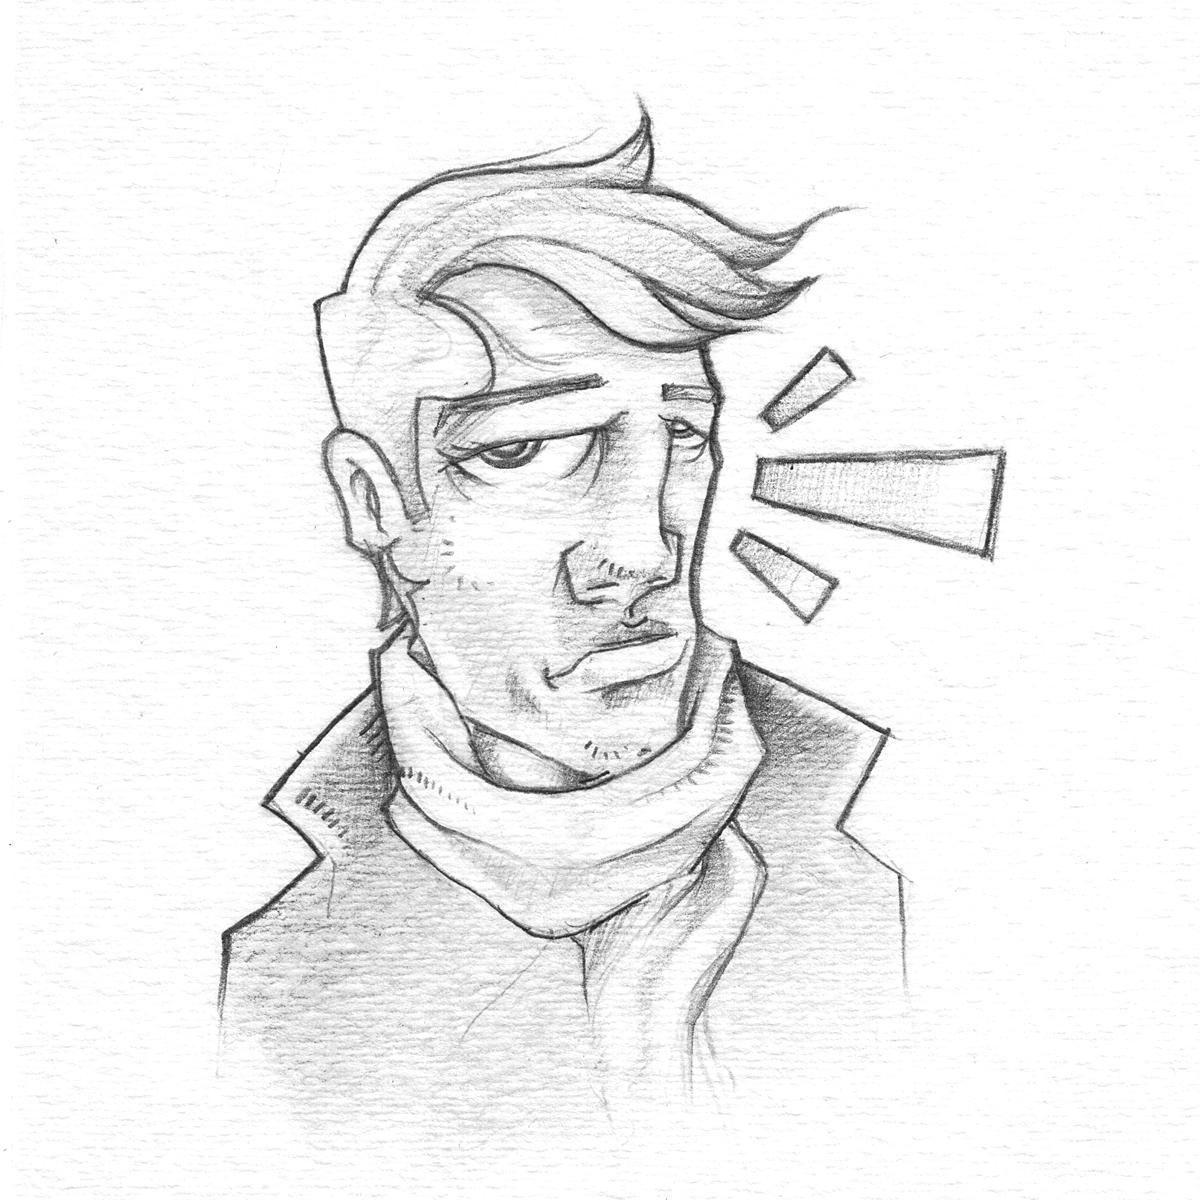 Drawing No. 11